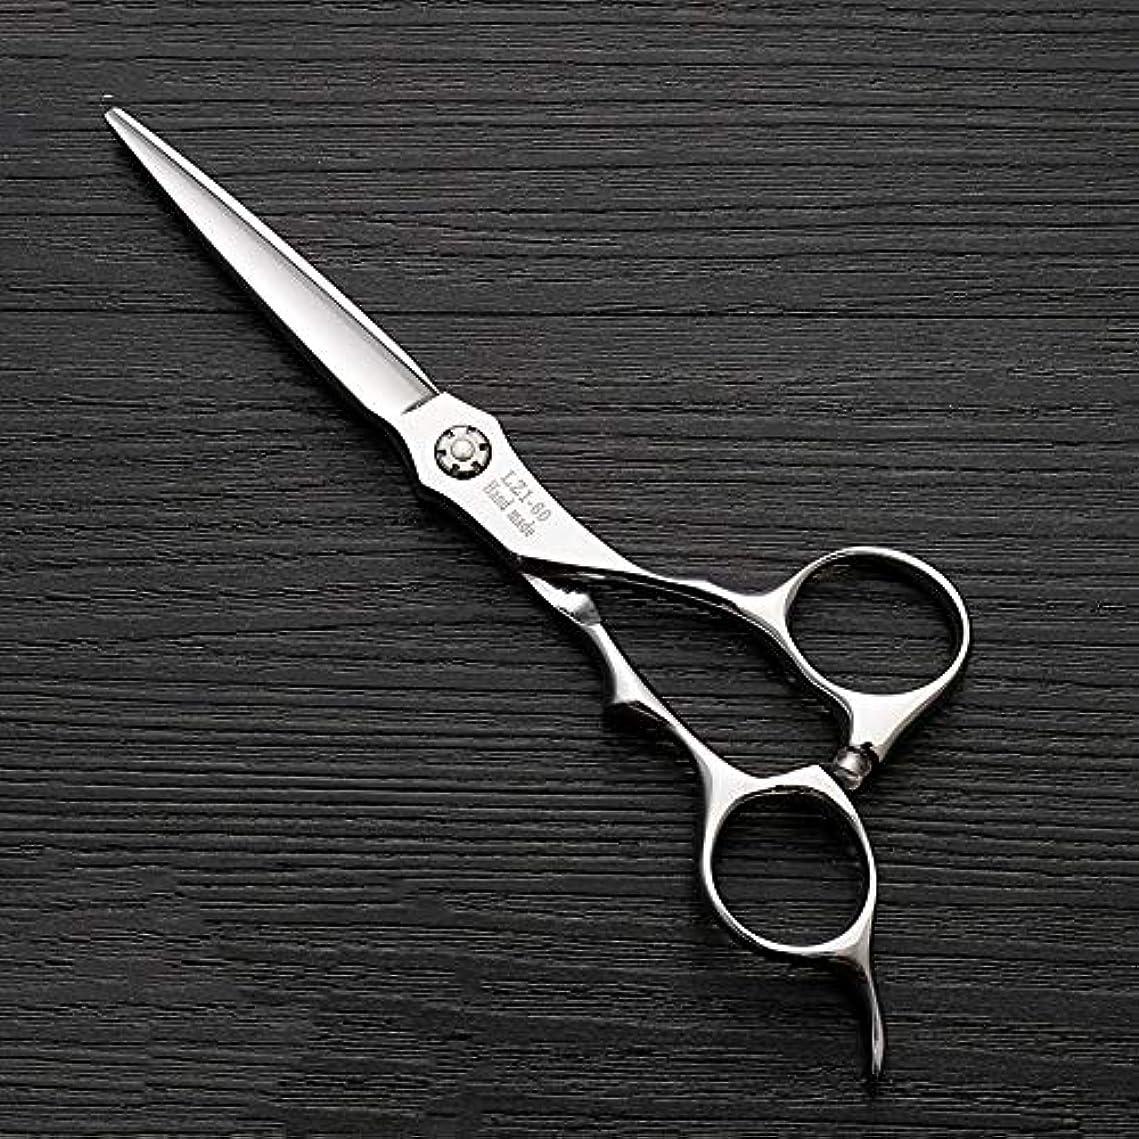 かすかなストロークタイプ6インチハイエンド理髪師理髪用はさみ ヘアケア (色 : Silver)